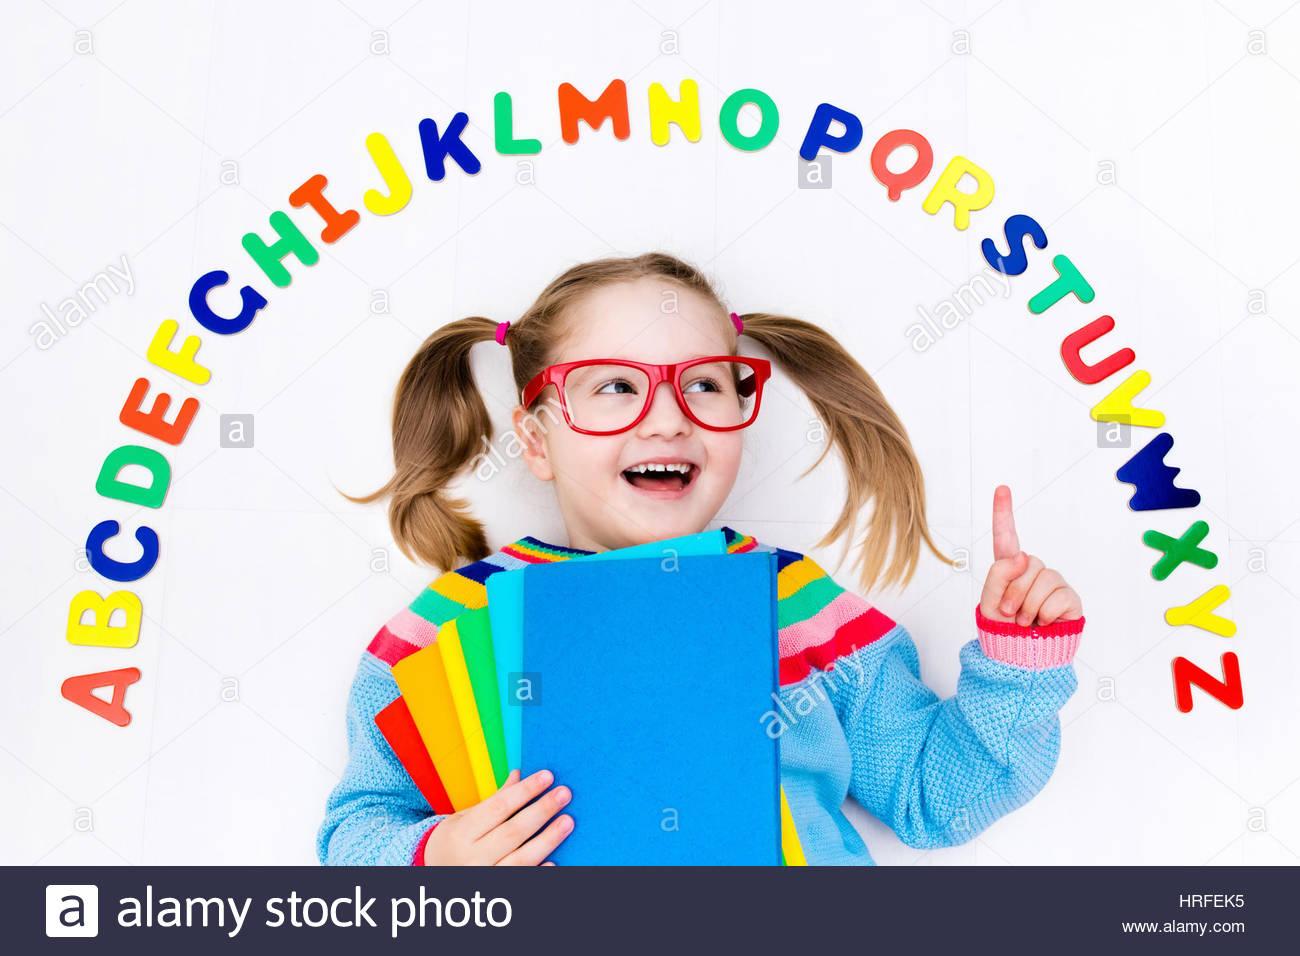 Heureux L'enfant D'âge Préscolaire D'apprendre À Lire Et À concernant Apprendre Les Lettres En Jouant